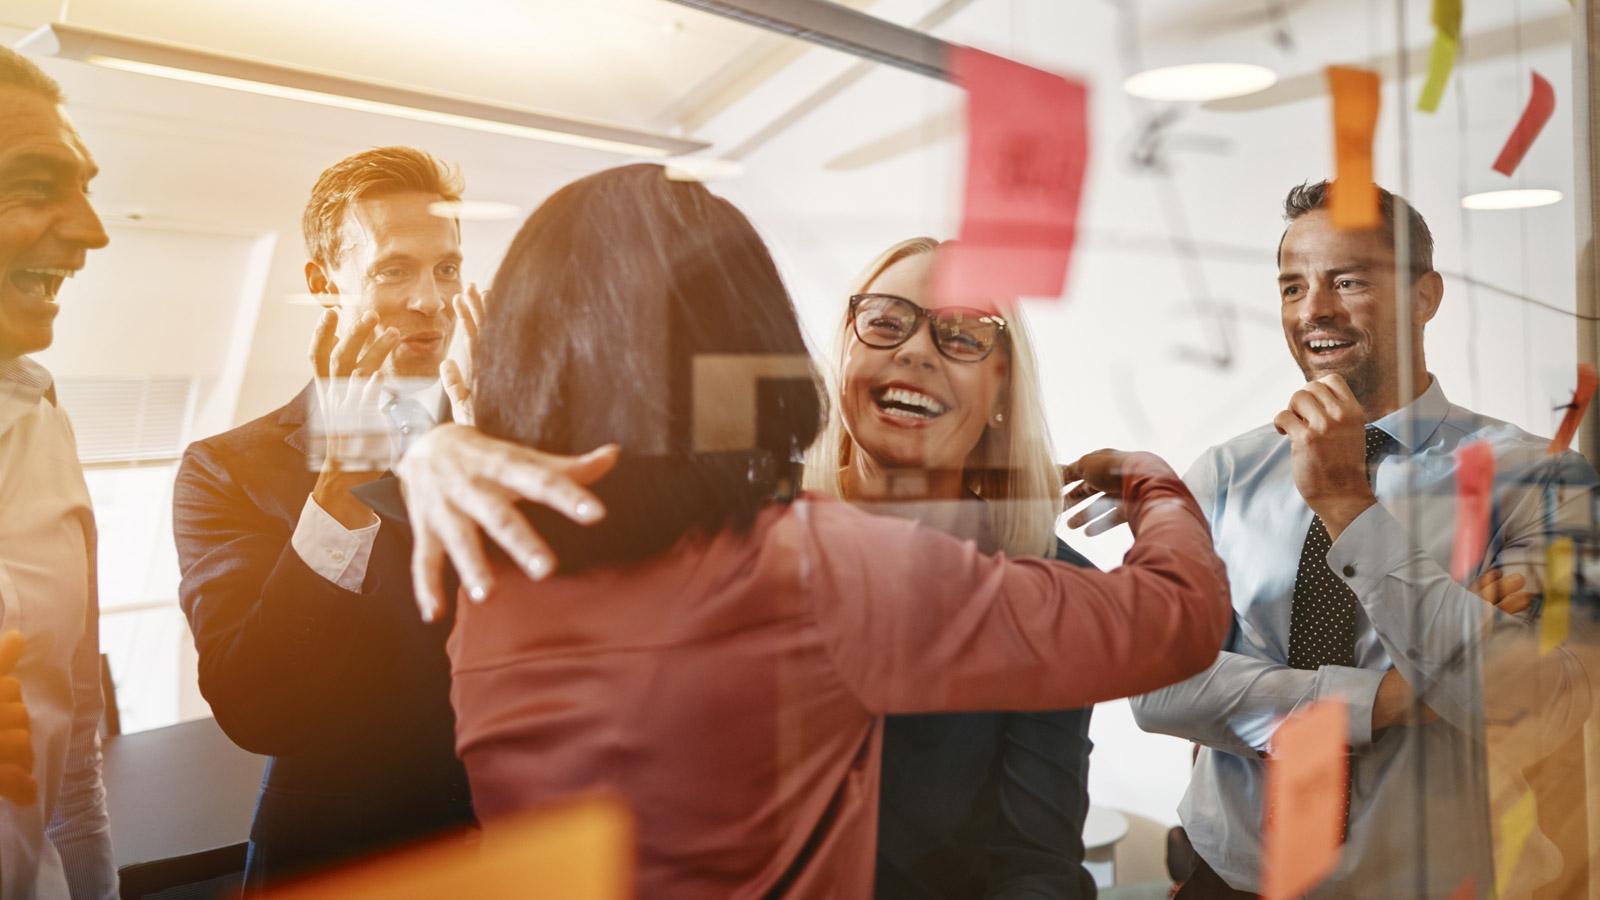 Marka i influencer – jak pracować z twórcą? influencer marketing mediarun uscisk biuro influencer 2019